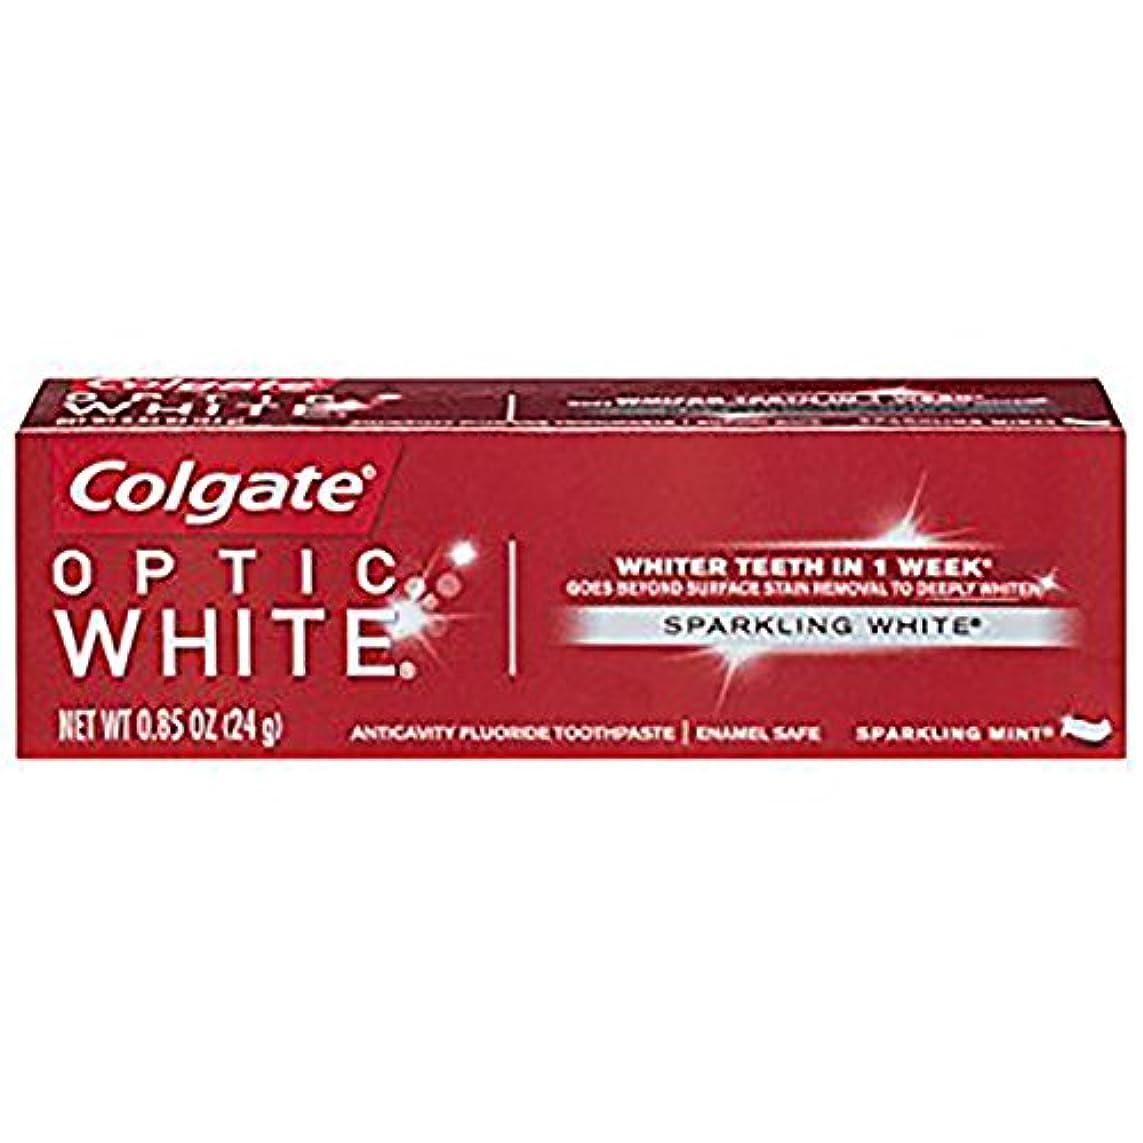 苦エキスパート検査コルゲート ホワイトニング Colgate 24g Optic White Sparkling White 白い歯 歯磨き粉 ミント